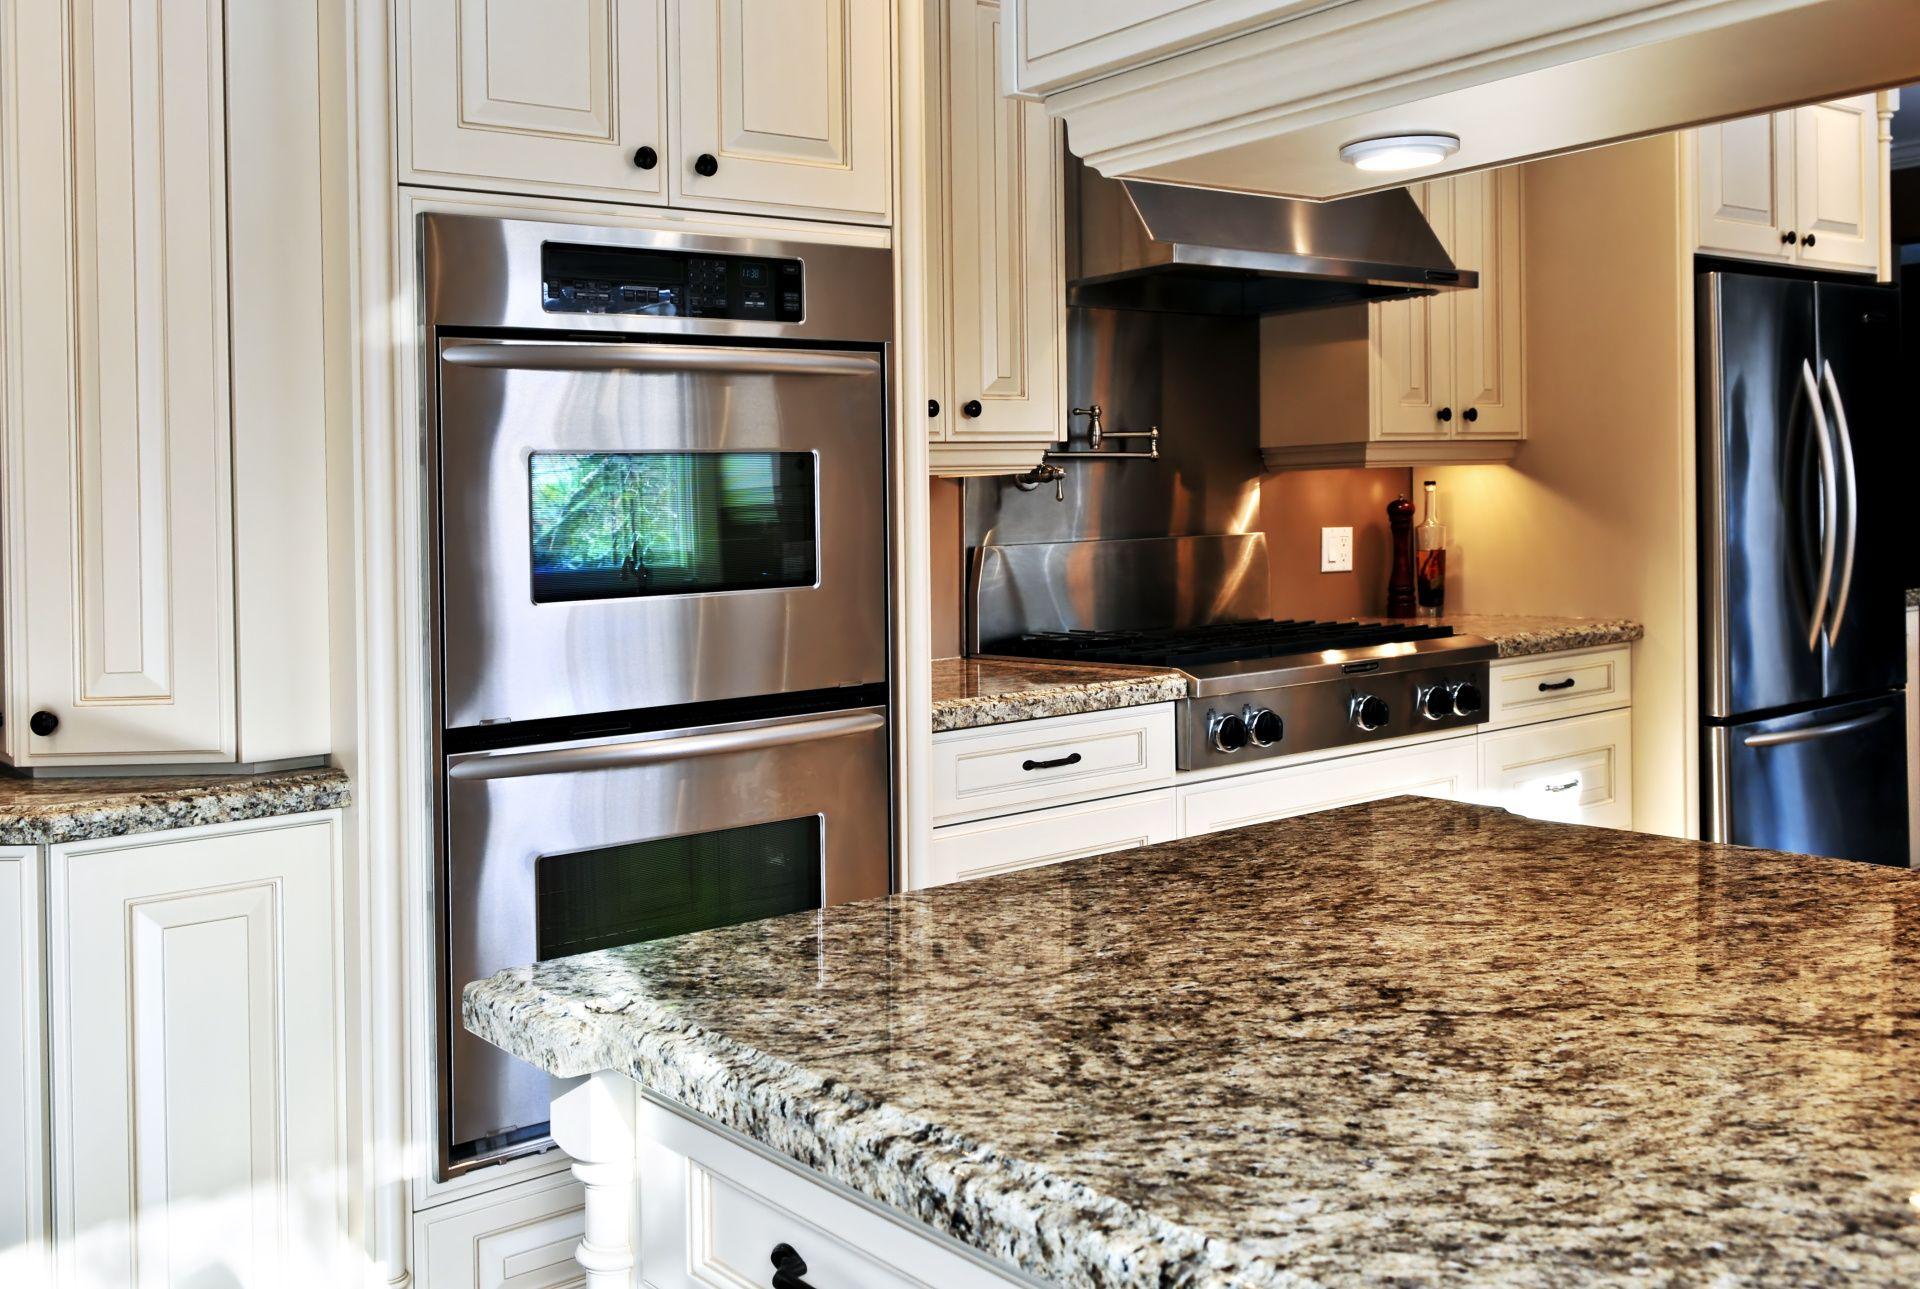 GALLERY   Granite countertops, Countertops, Kitchen remodel